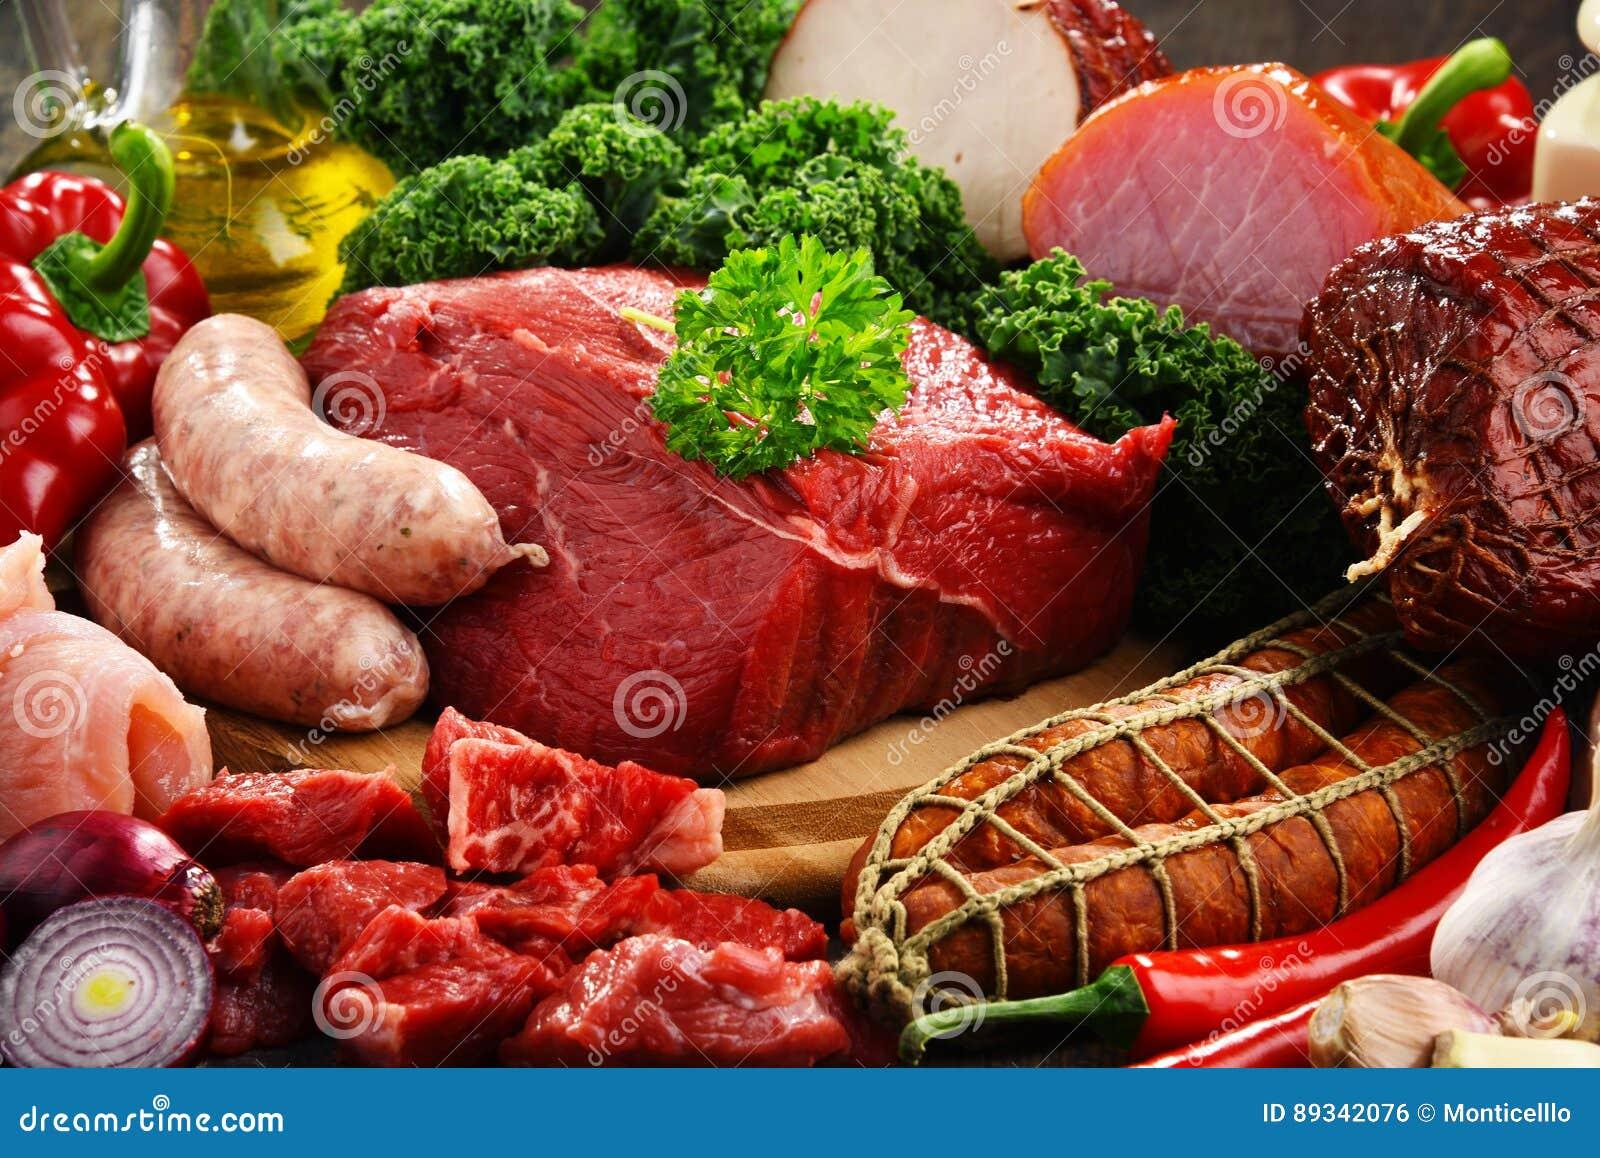 Разнообразие мясных продуктов включая ветчину и сосиски